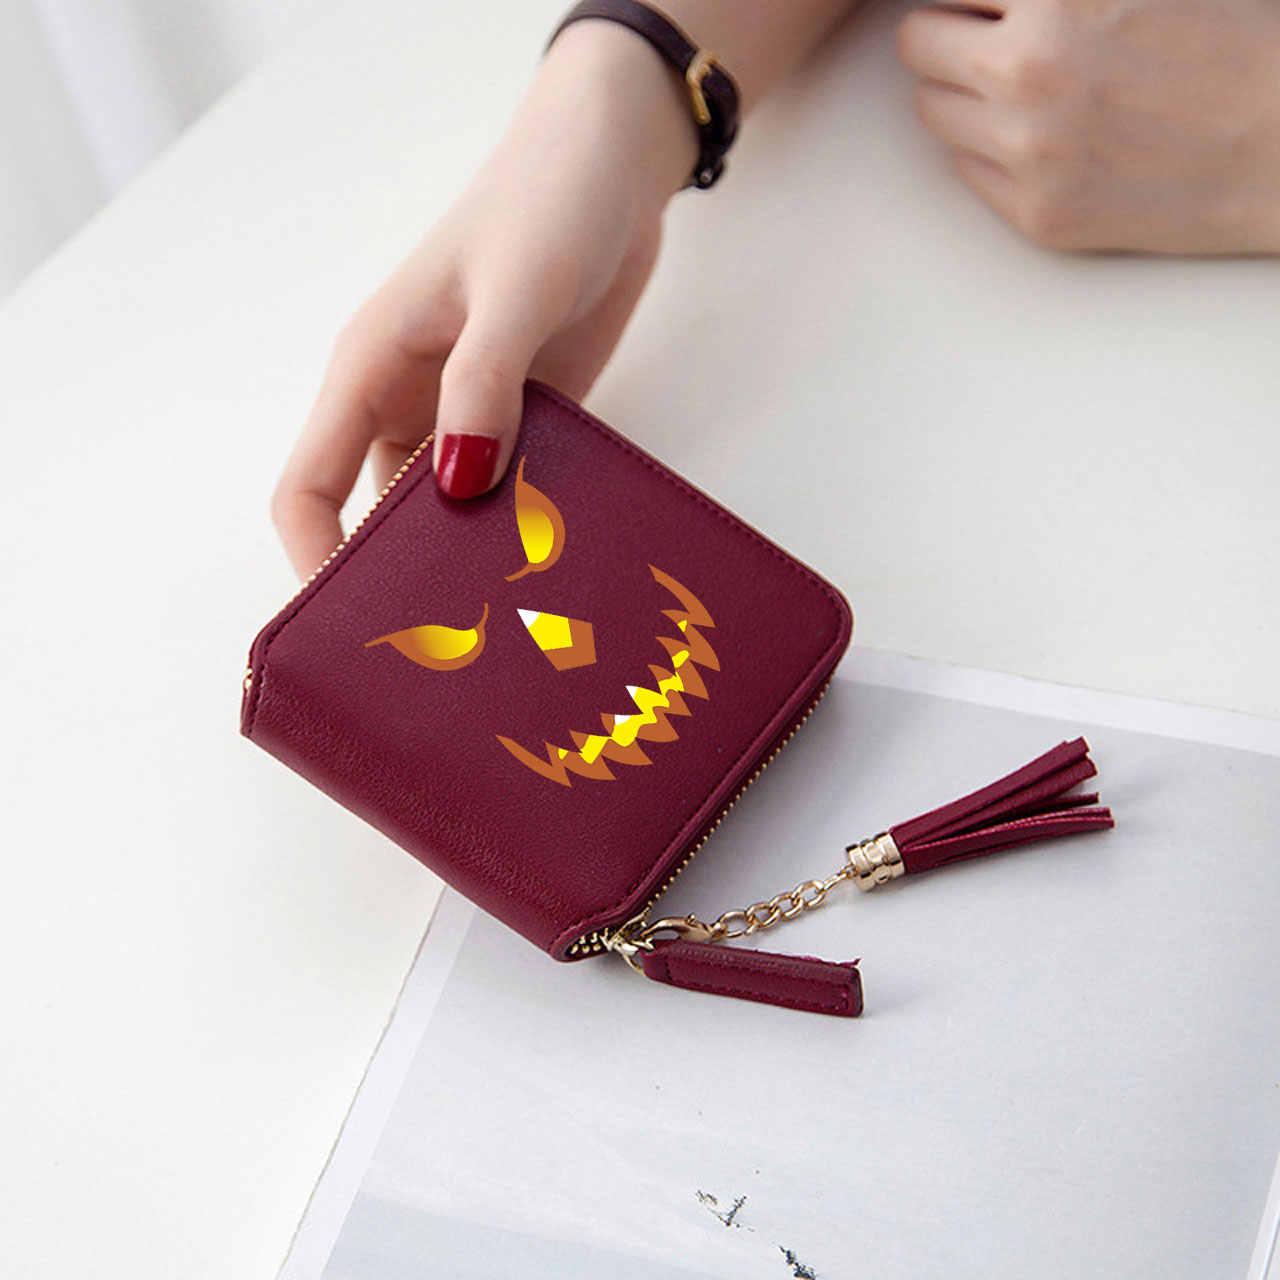 Новая мода Хэллоуин Аниме аксессуары женские кошельки на молнии карты девушки Kpop Кошельки Мини сумки подвески в виде монеток карман